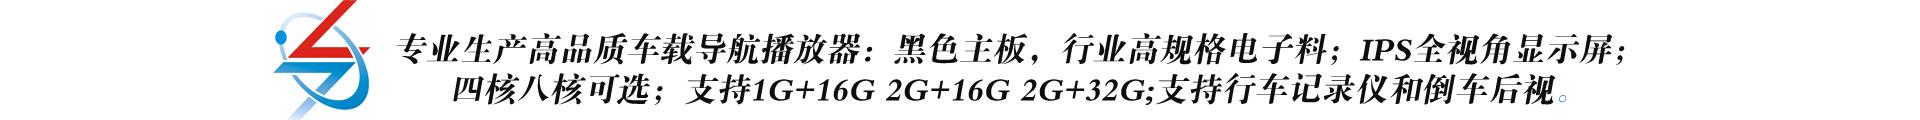 深圳市宏瑞祥电子有限公司